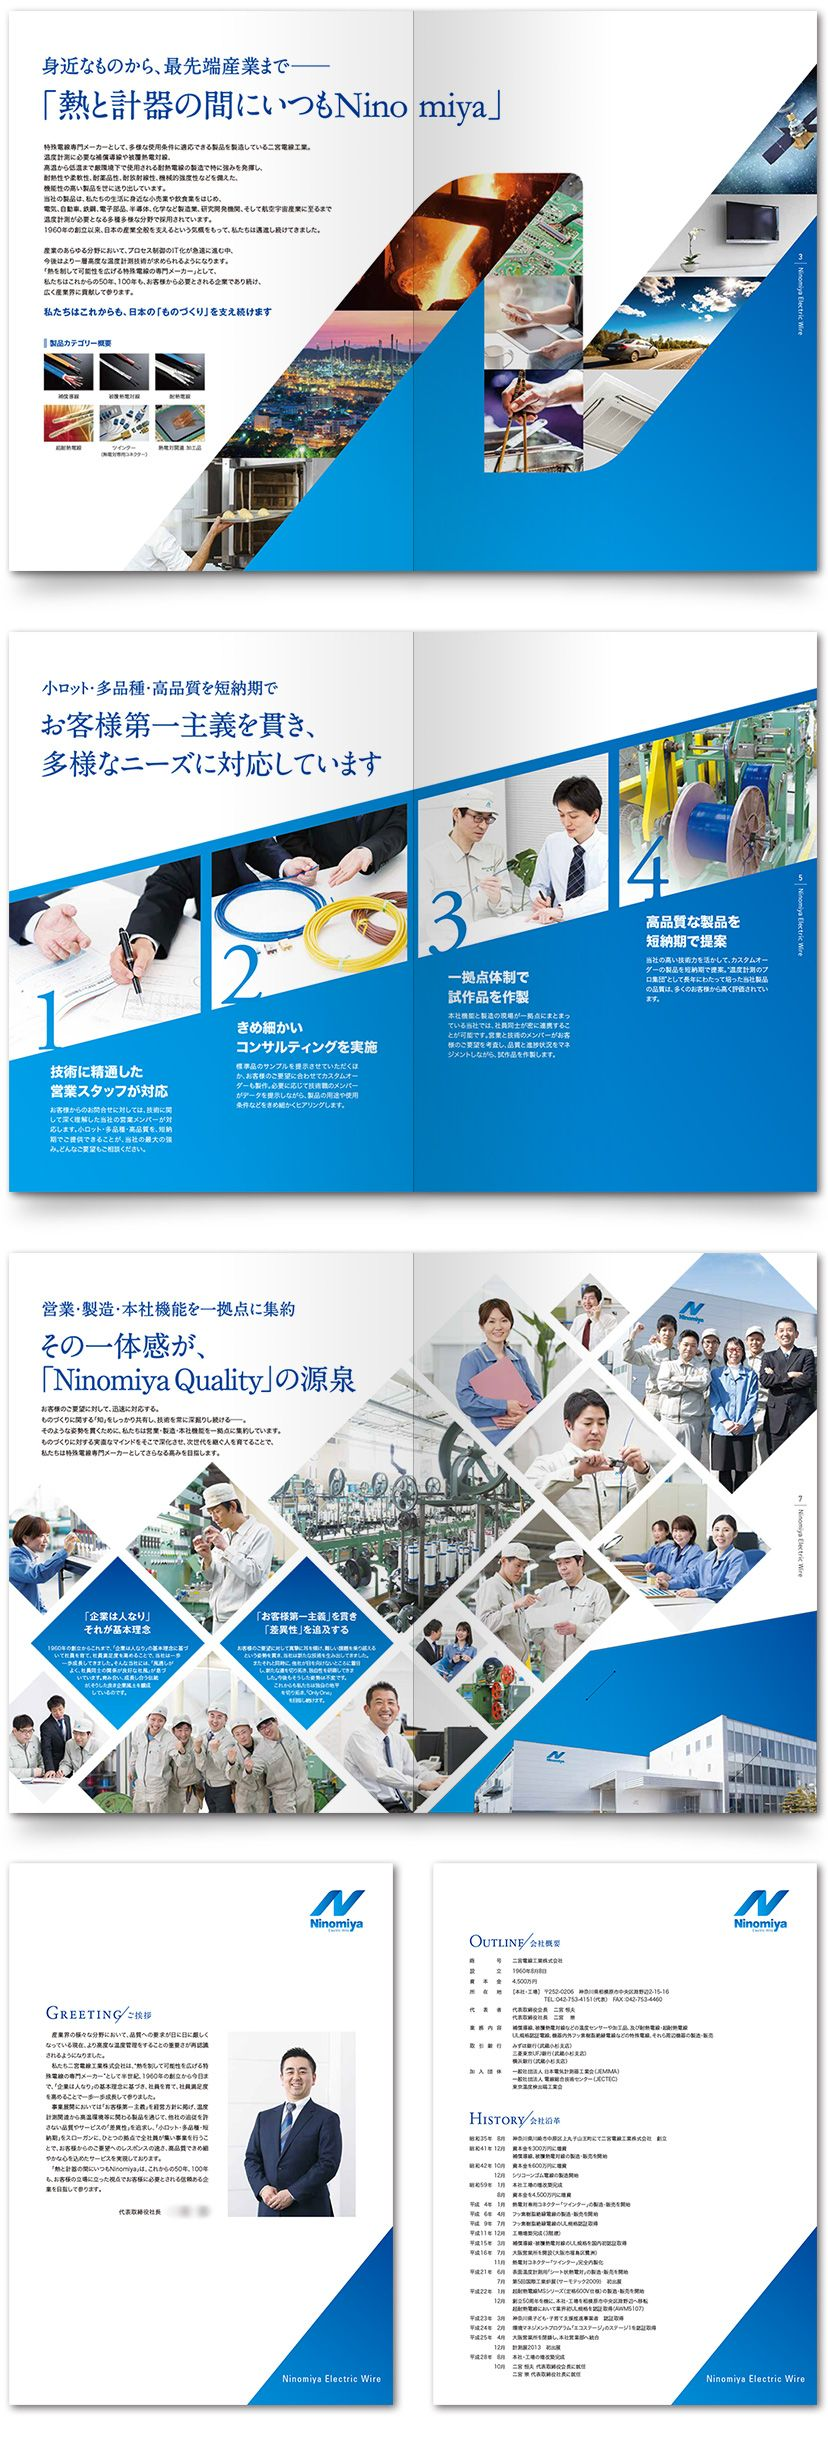 特殊電線専門メーカーの企業パンフレット book j pinterest